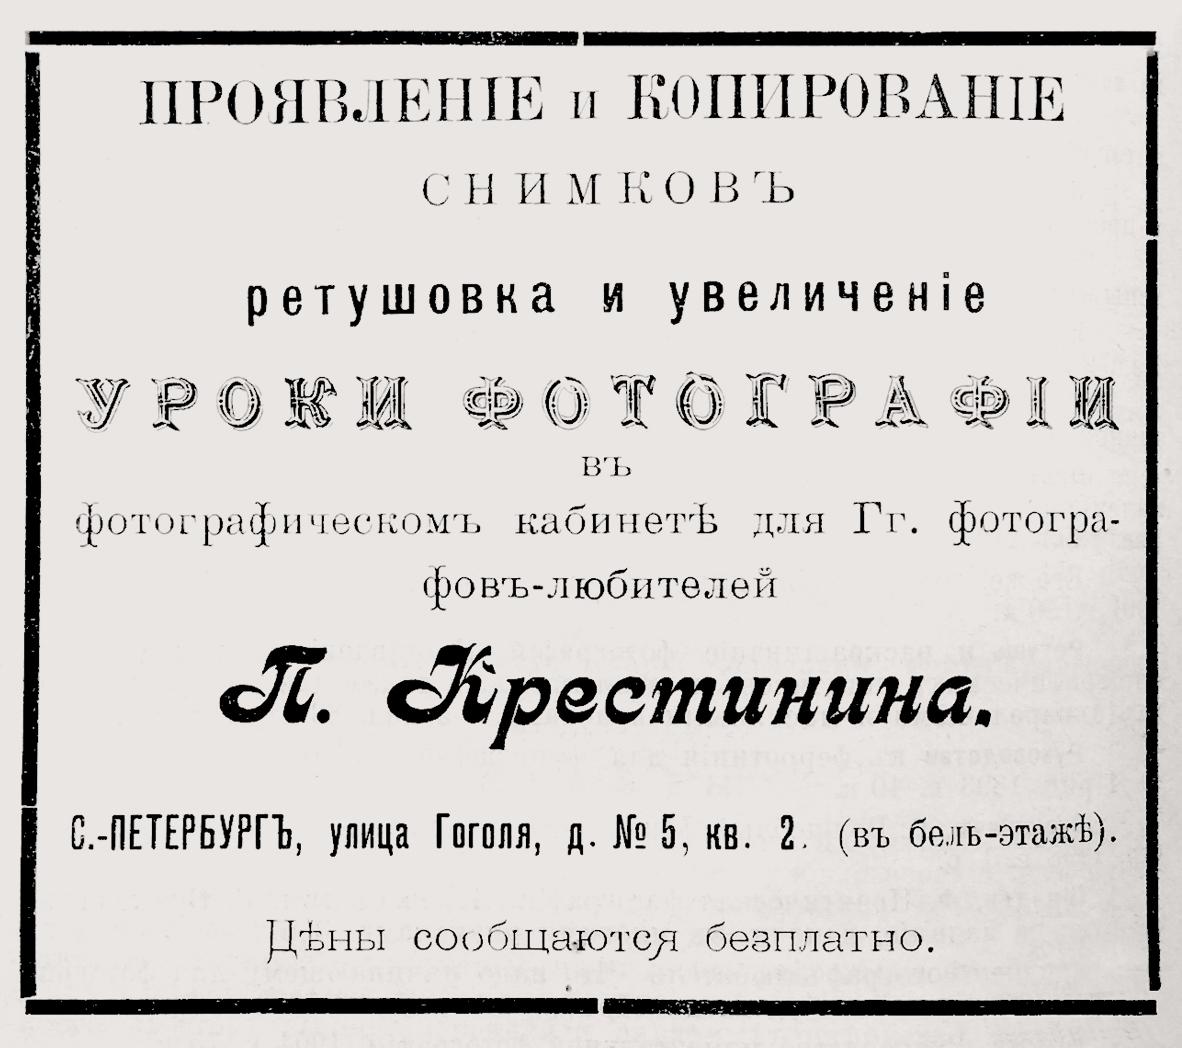 Реклама фотоателье П. Крестинина